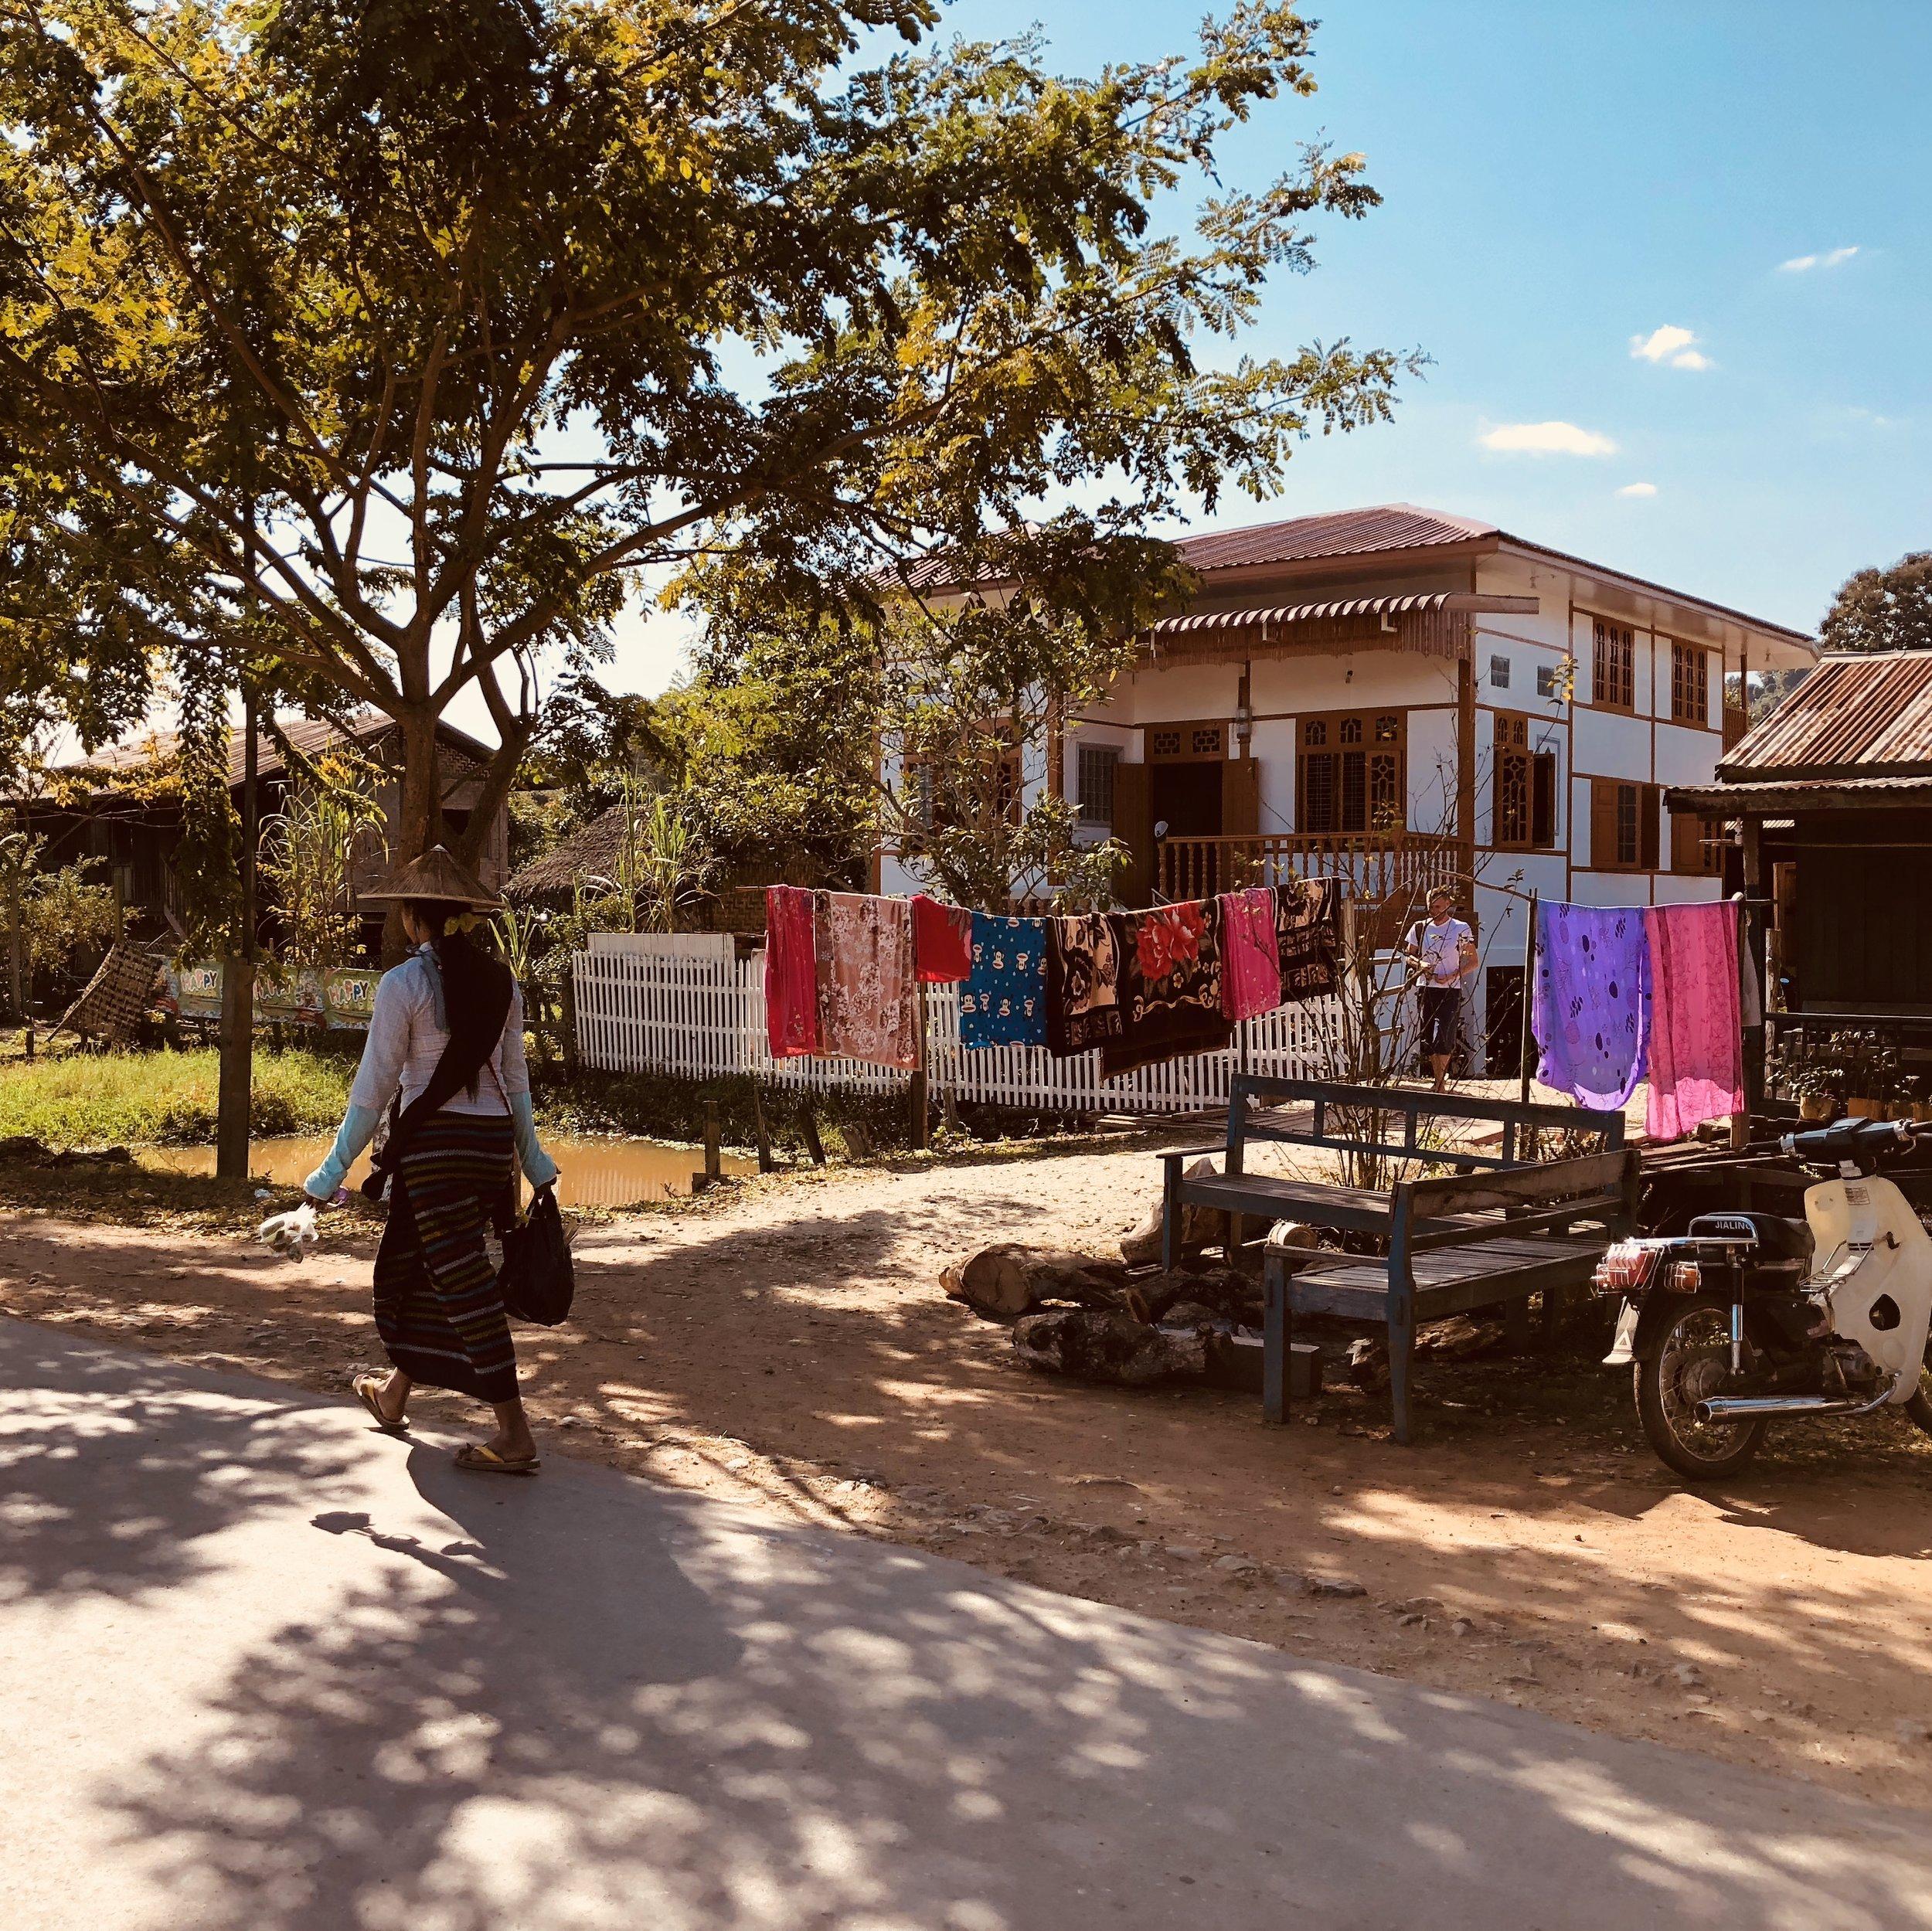 My accommodation, the Phyu Homestay